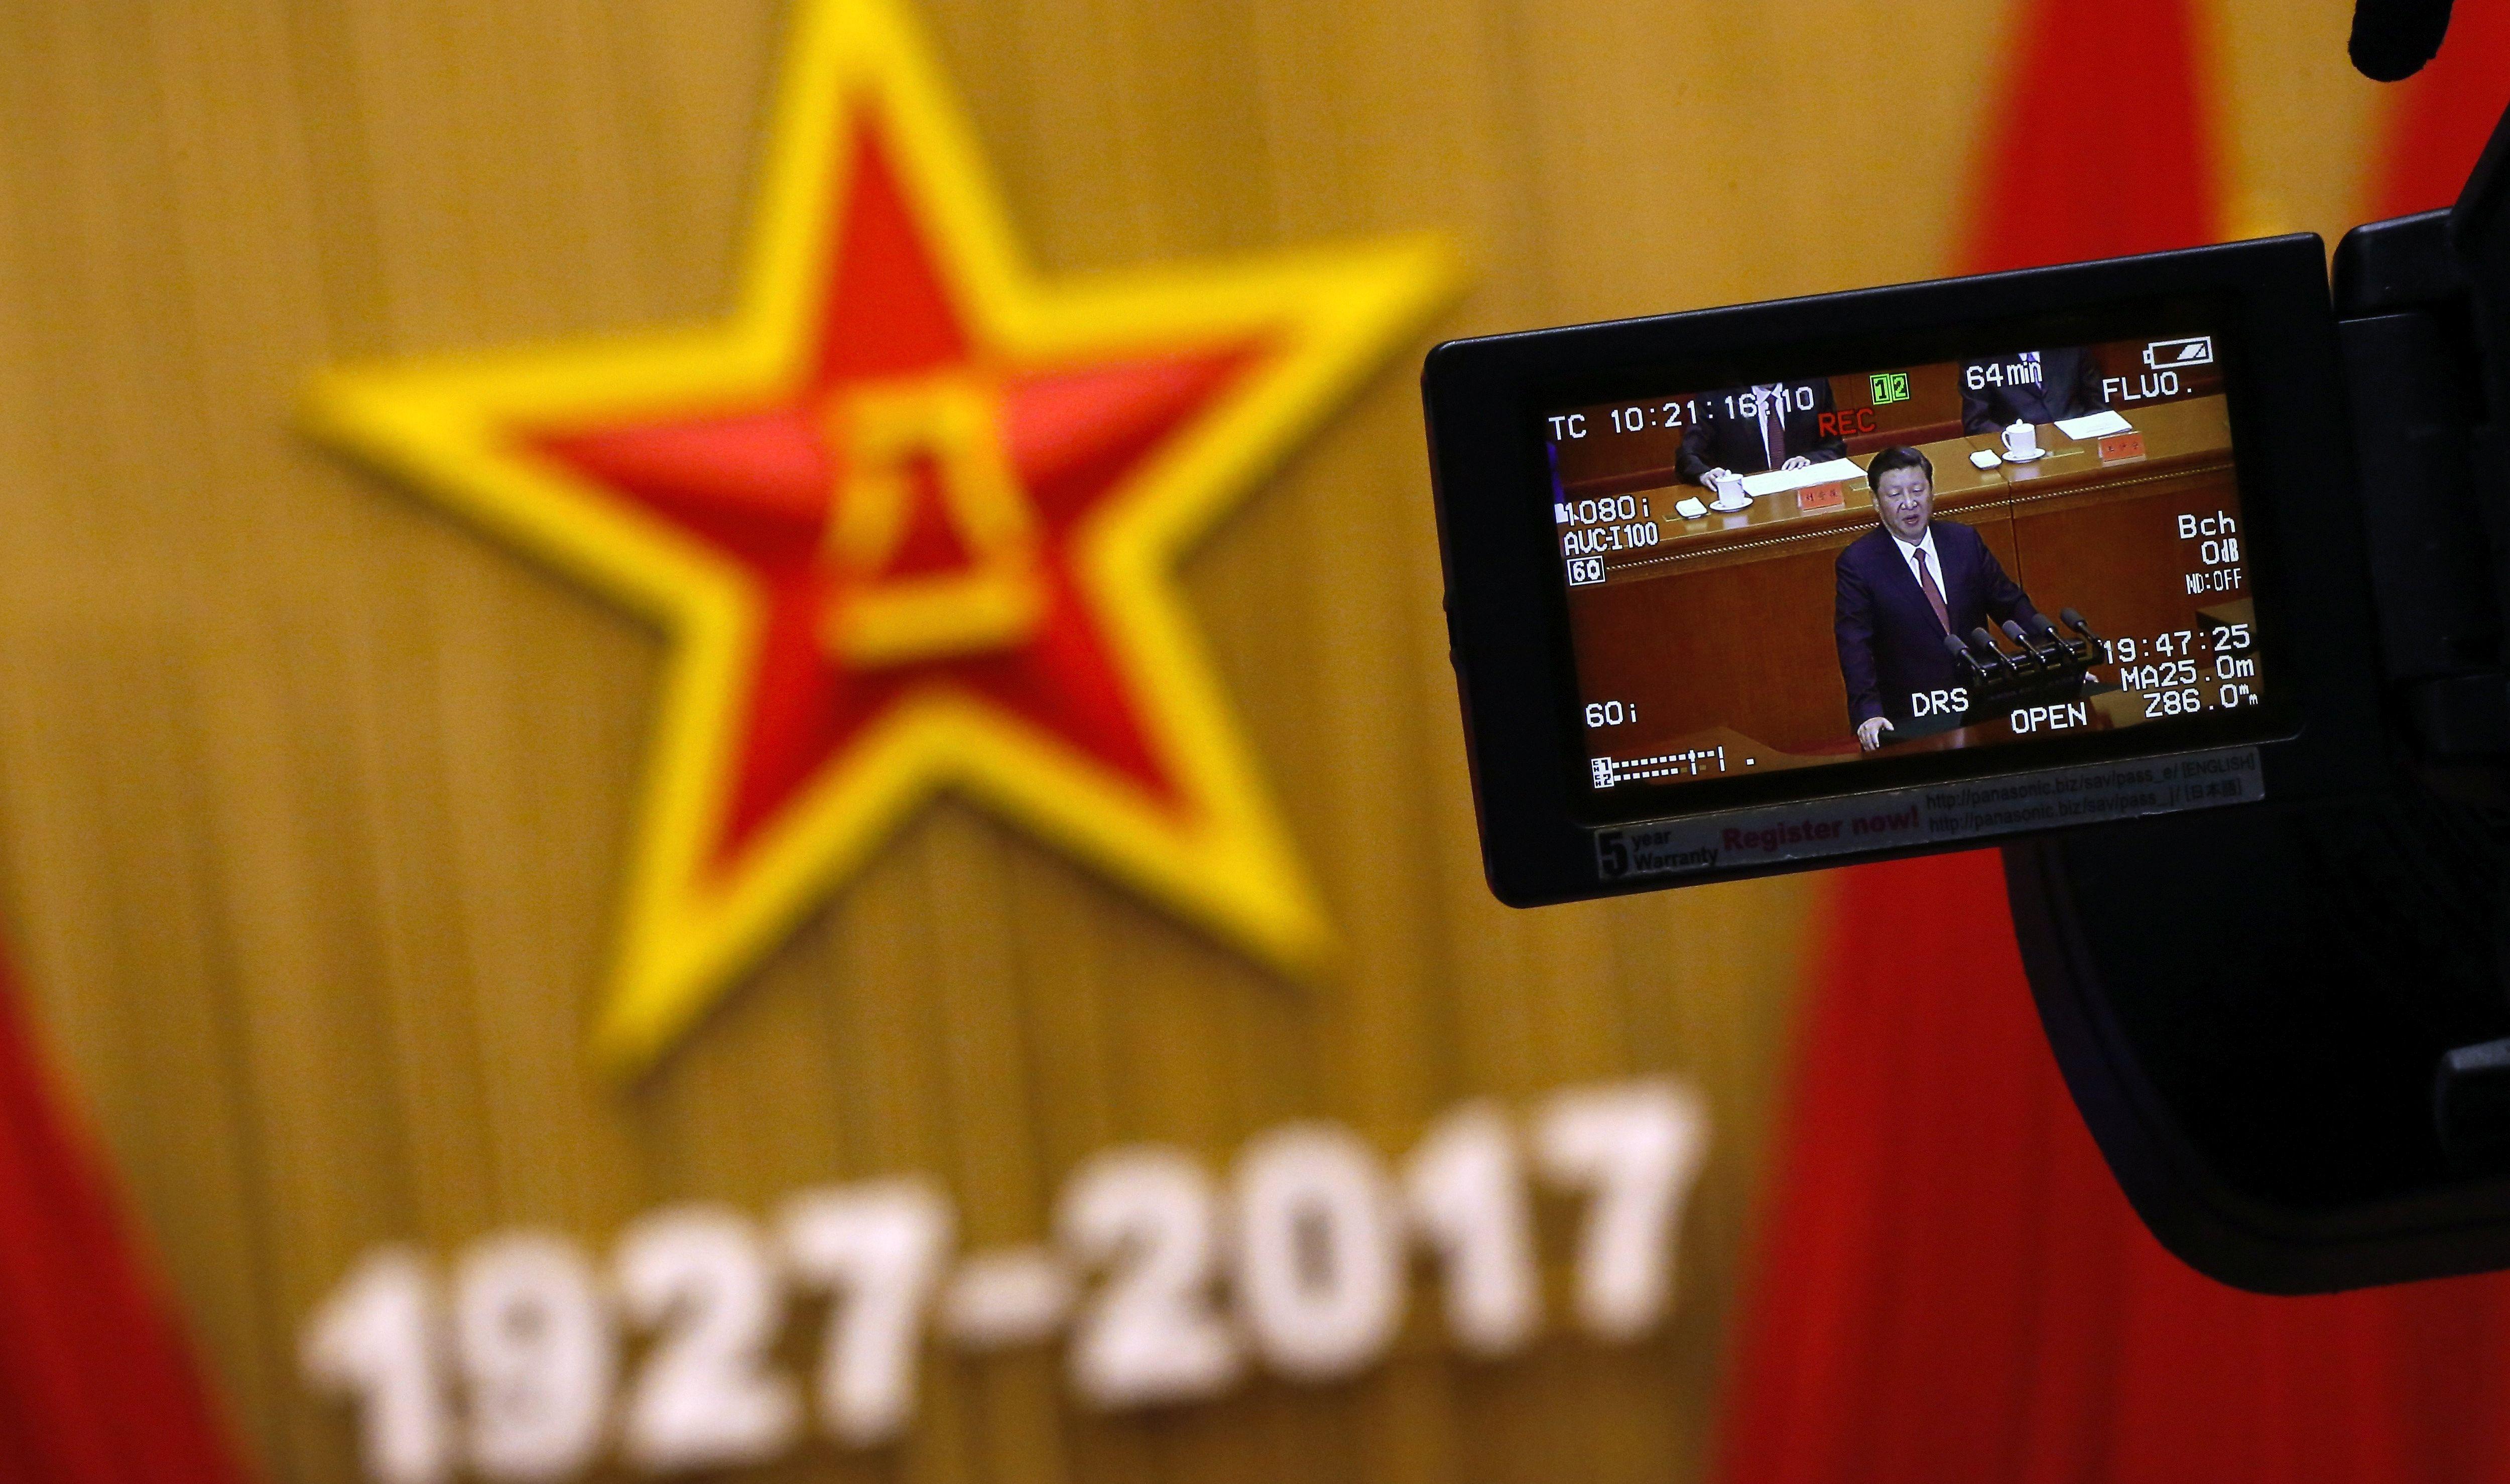 KINESKI MEDIJI 'Trump u krivu, Kina ne može sama sa Sj. Korejom'